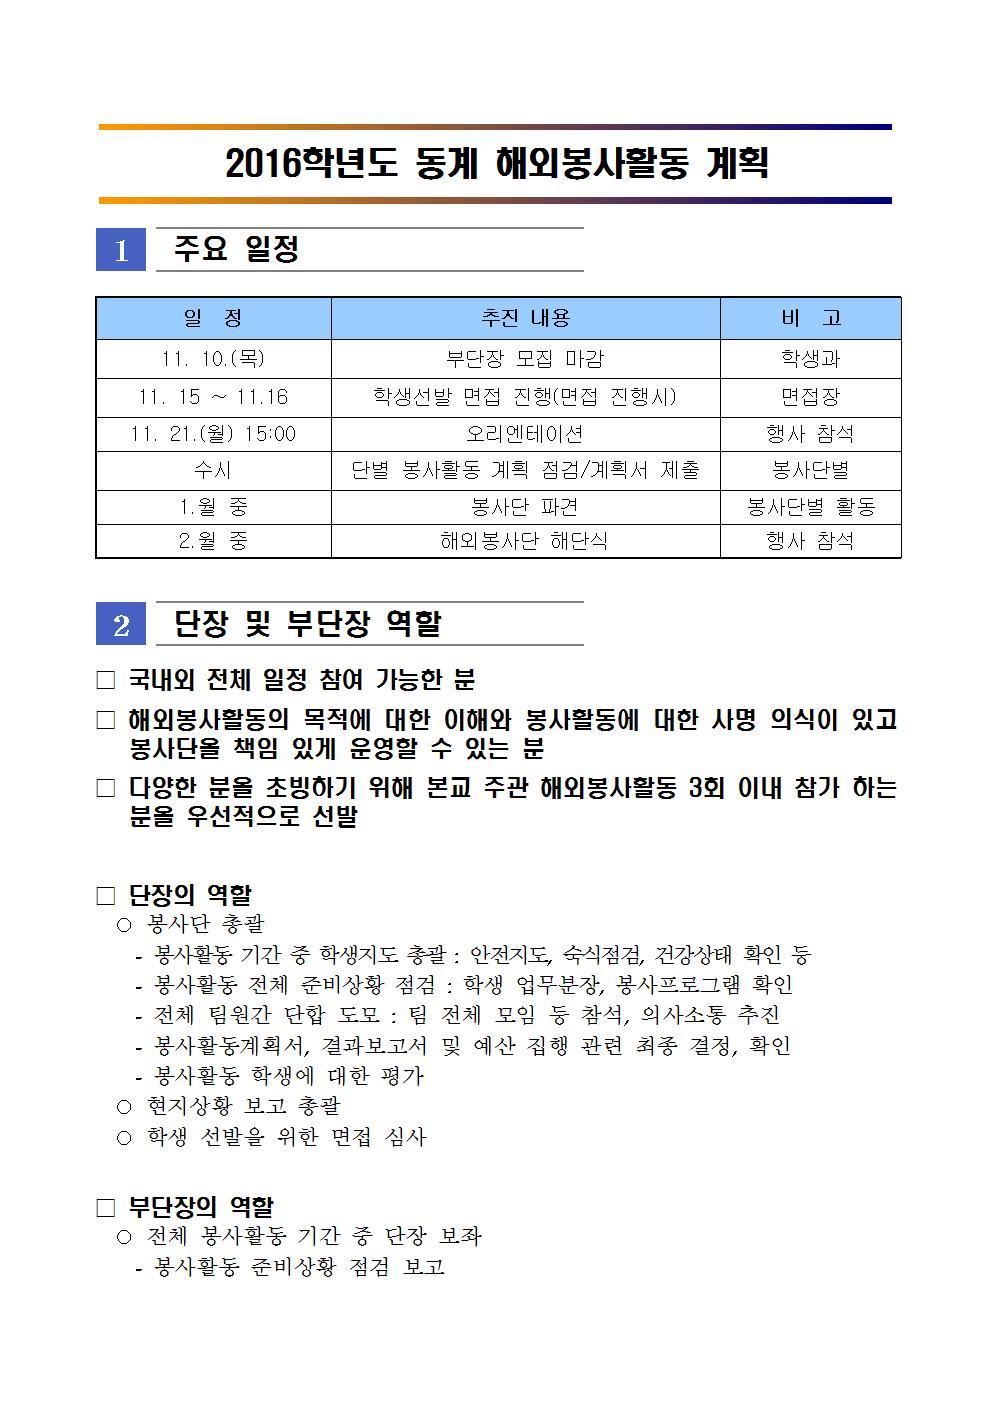 해외봉사활동 계획001.jpg